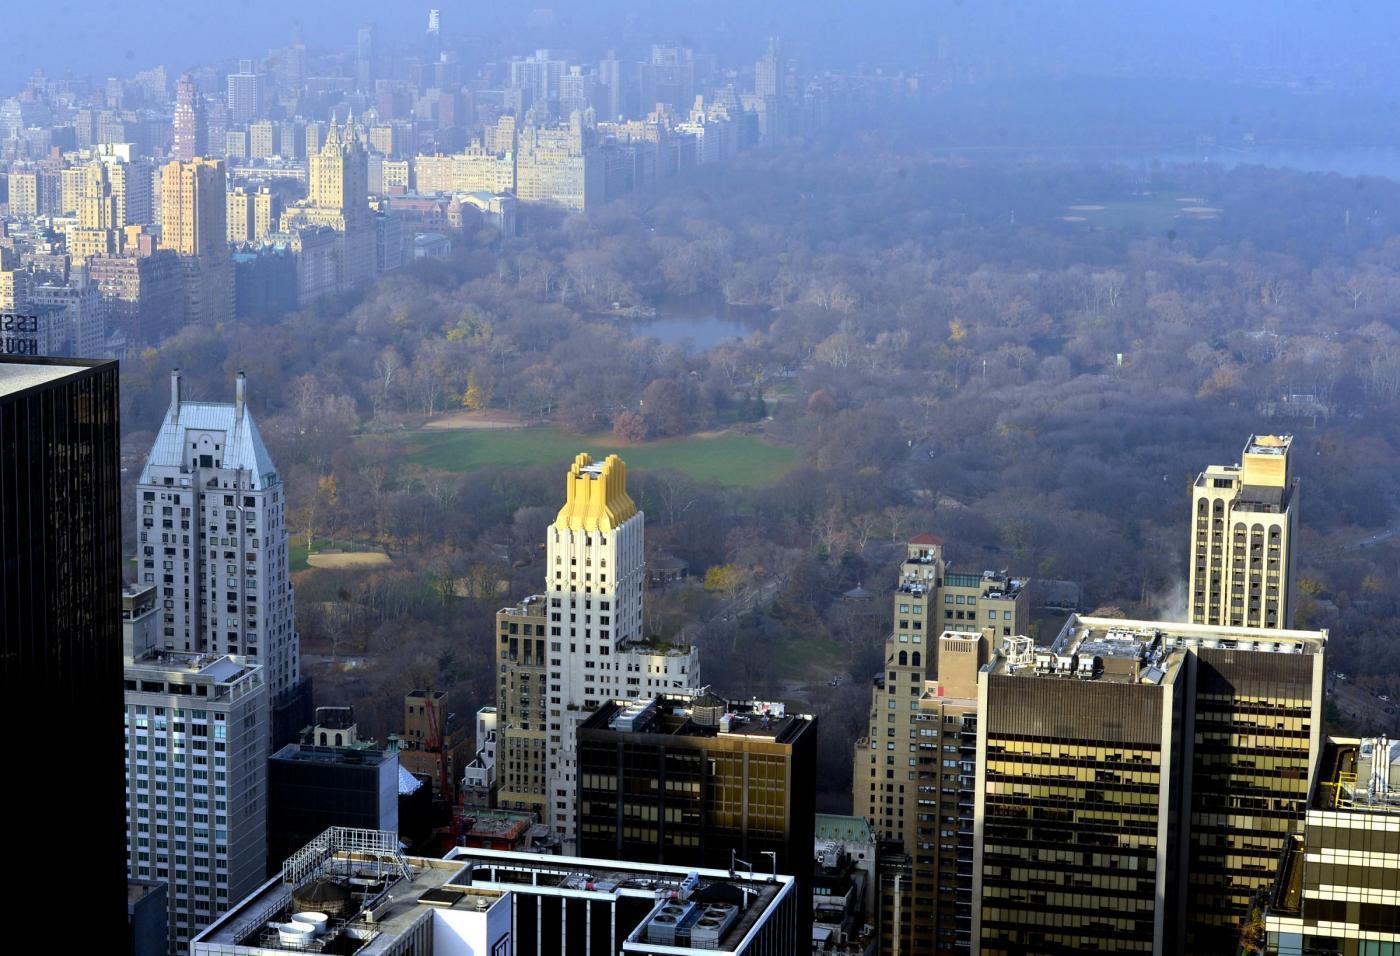 Natale tropicale a new york il pi caldo della storia for Immagini new york a natale